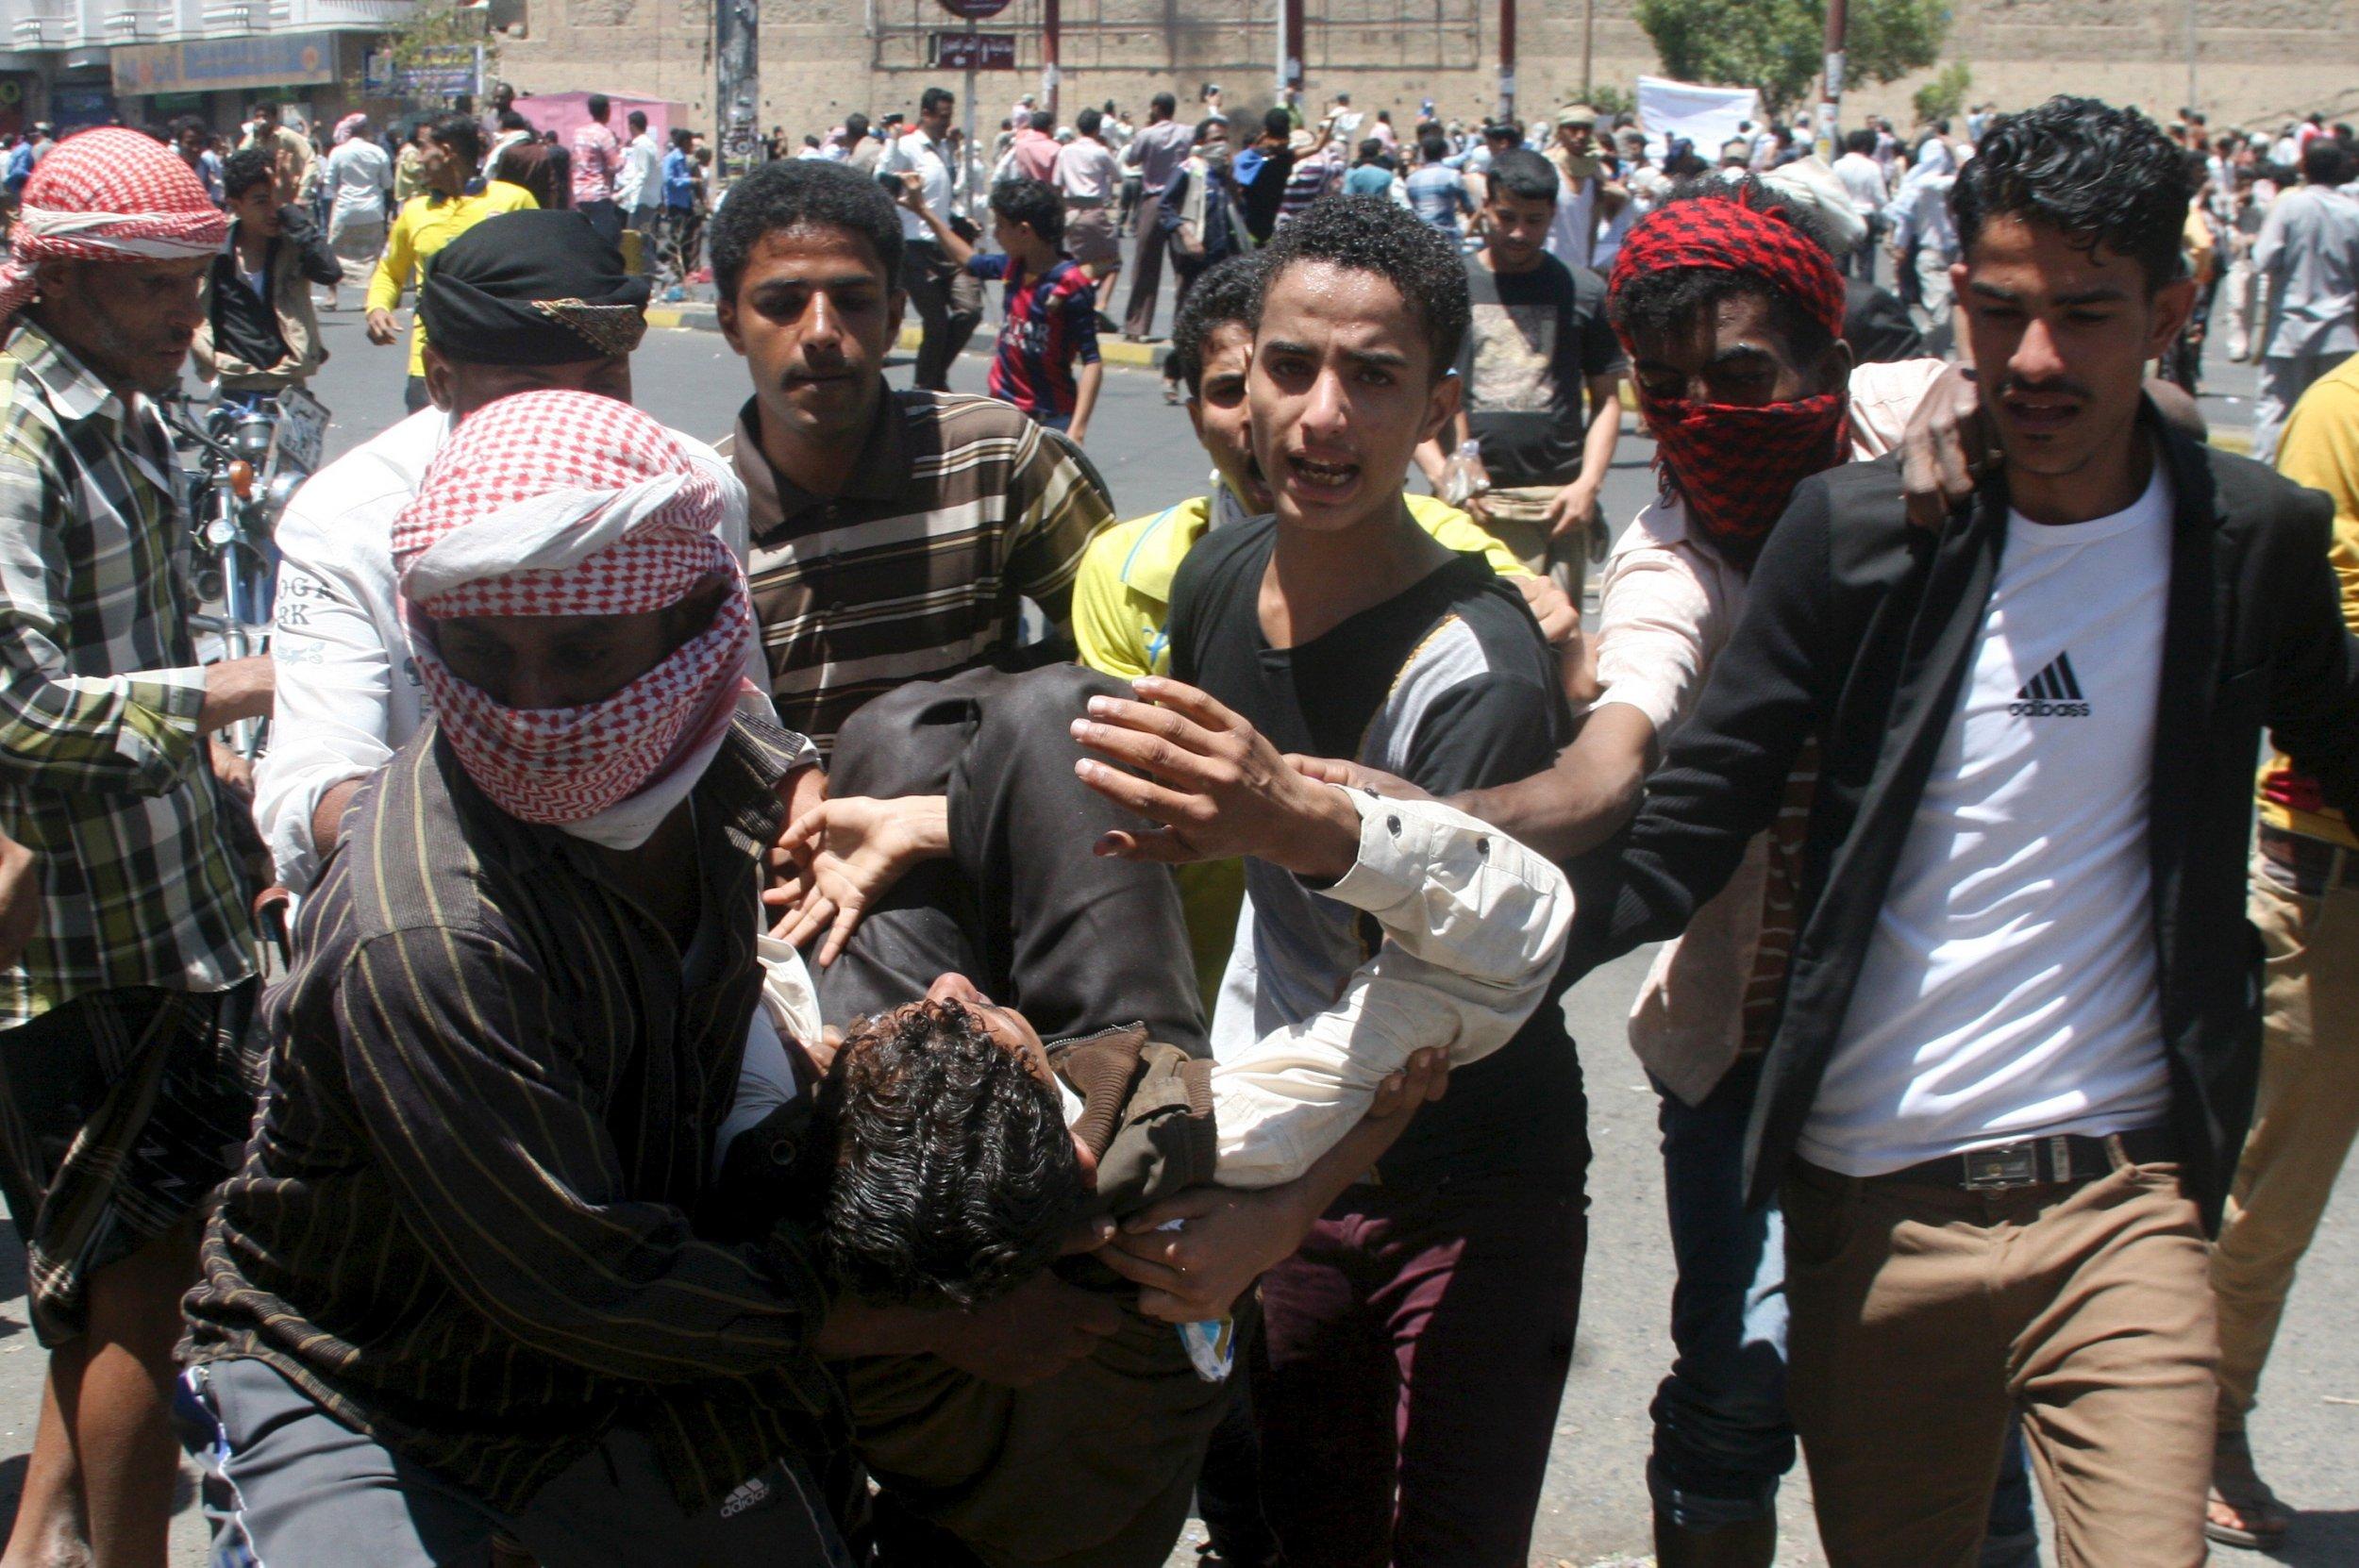 Houthis Take Over Yemen City of Taiz